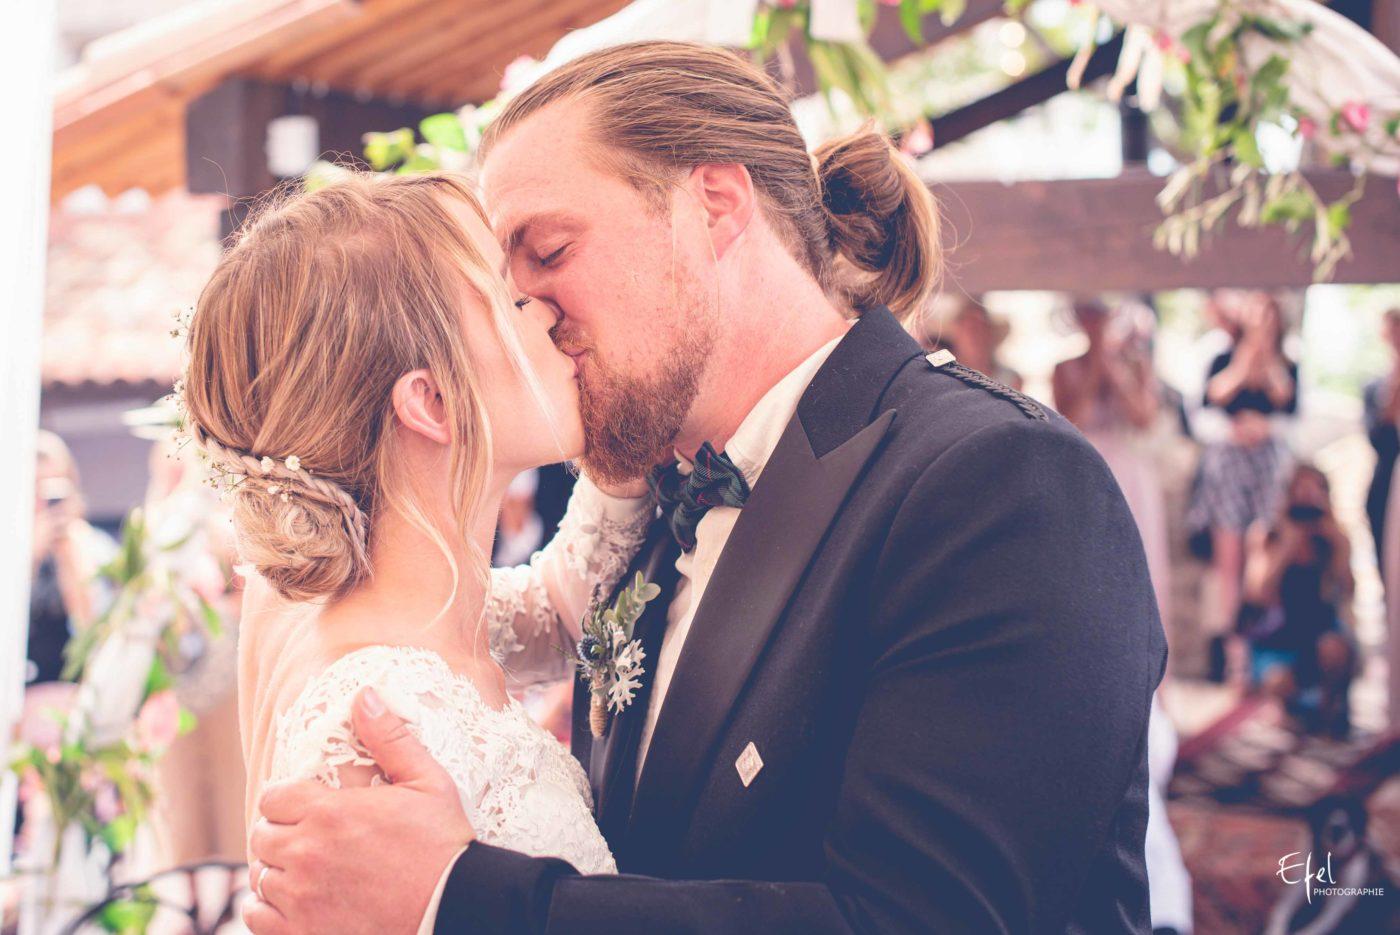 Le baiser des mariés - photographe mariage hautes alpes, photographe mariage alpes maritimes et PACA